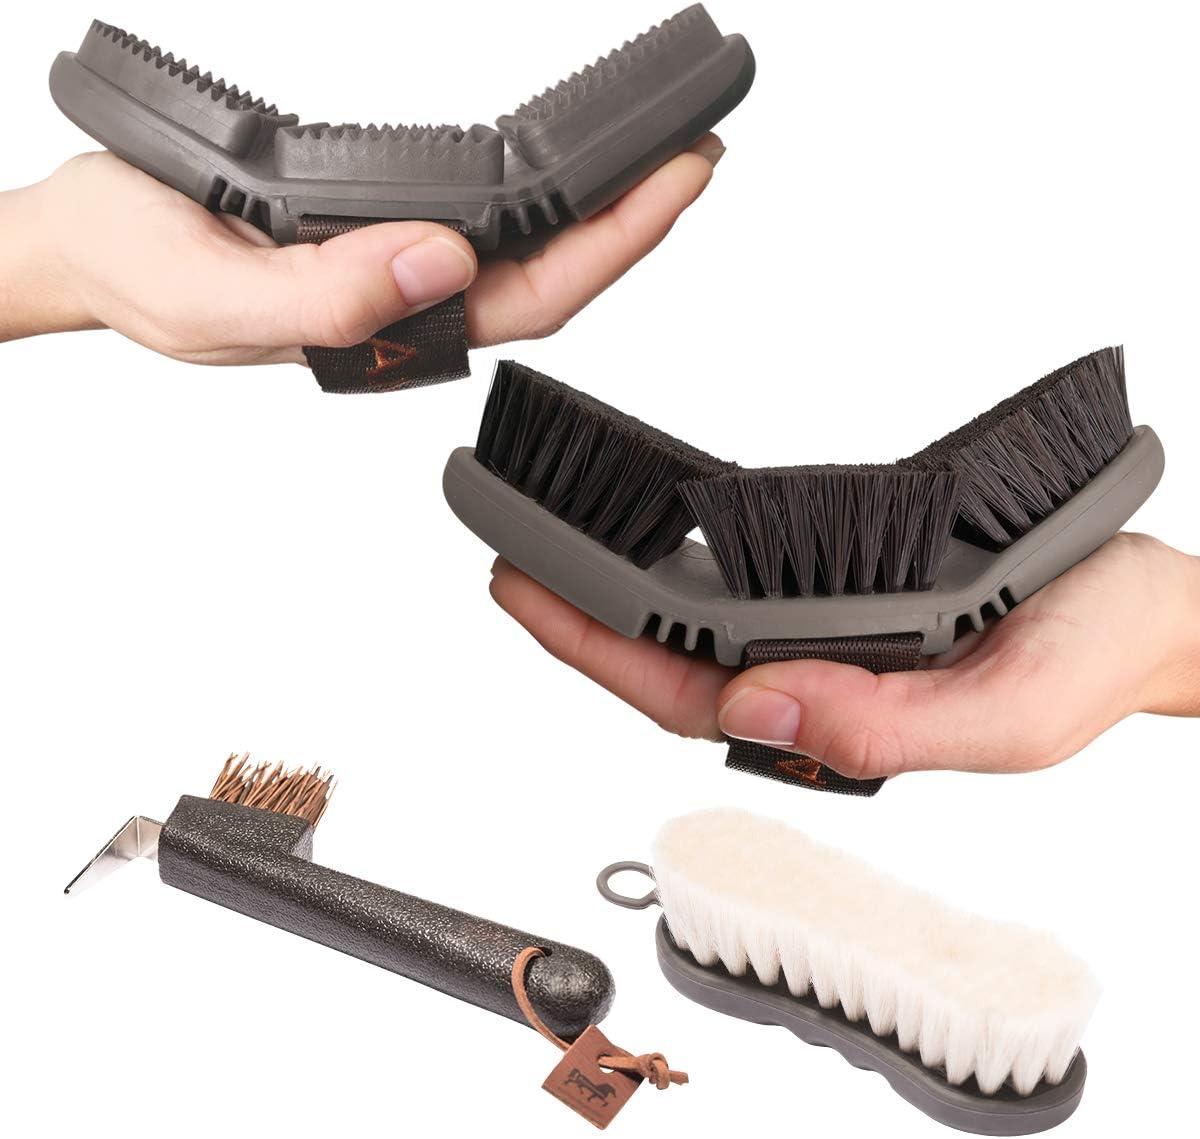 Set básico de limpieza Animalon | Cepillos para el cuidado y aseo de caballos | Comodidad para el caballo | Utensilio flexible y ergonómico para cada cepillado